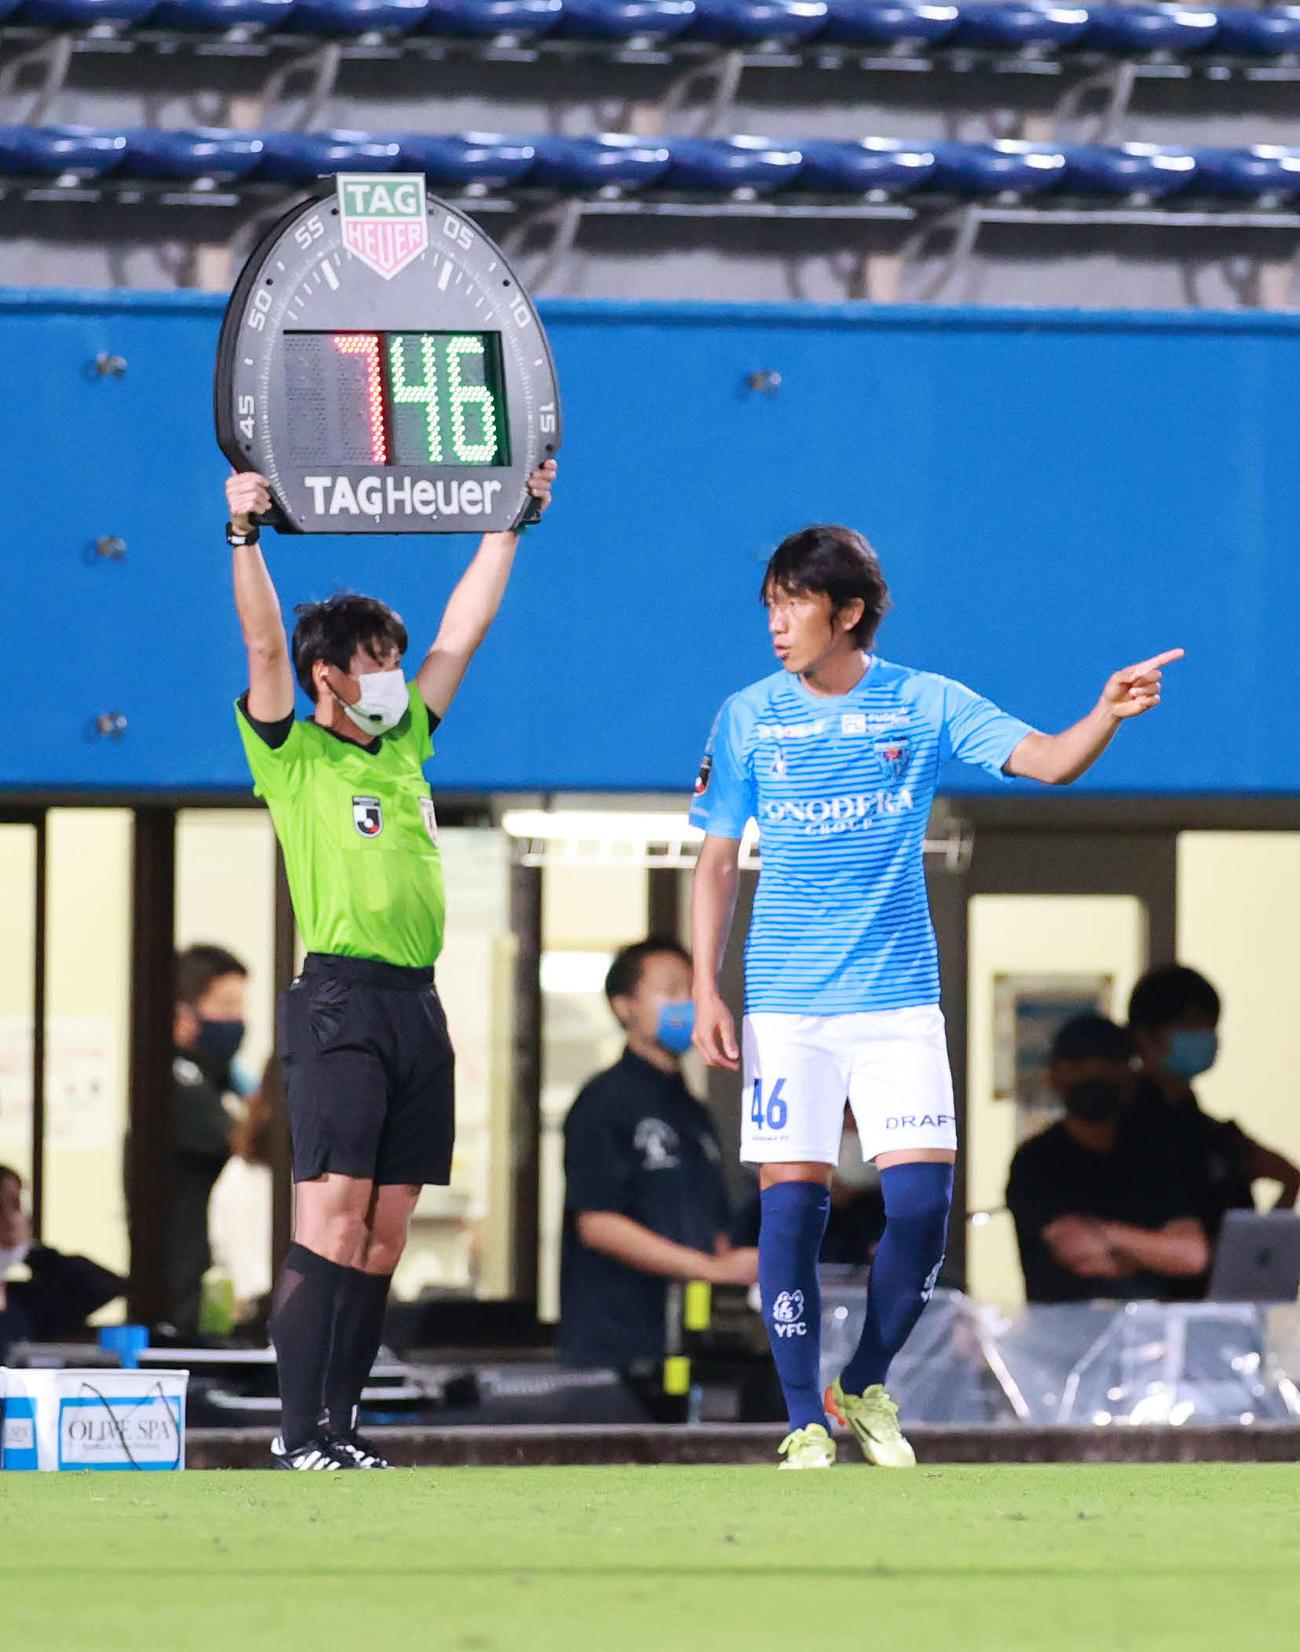 横浜FC対札幌 後半、5人目の交代出場する横浜FC・MF中村(右)(撮影・江口和貴)